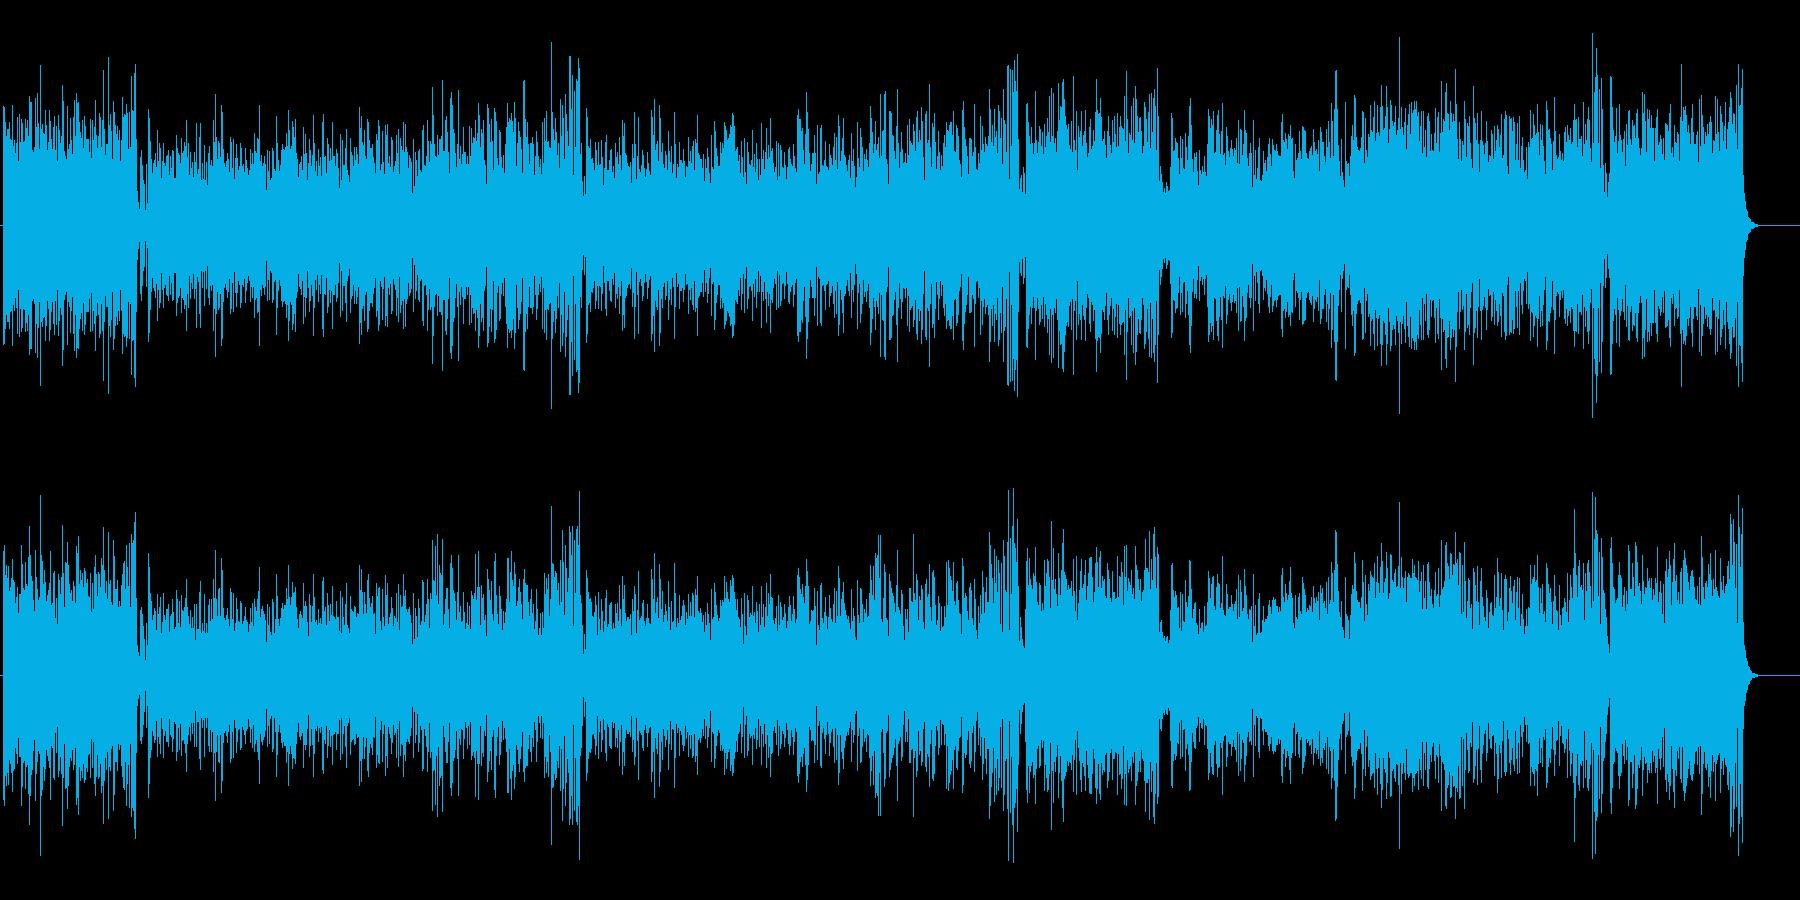 ニュアンス豊か パワフル・ロックの再生済みの波形